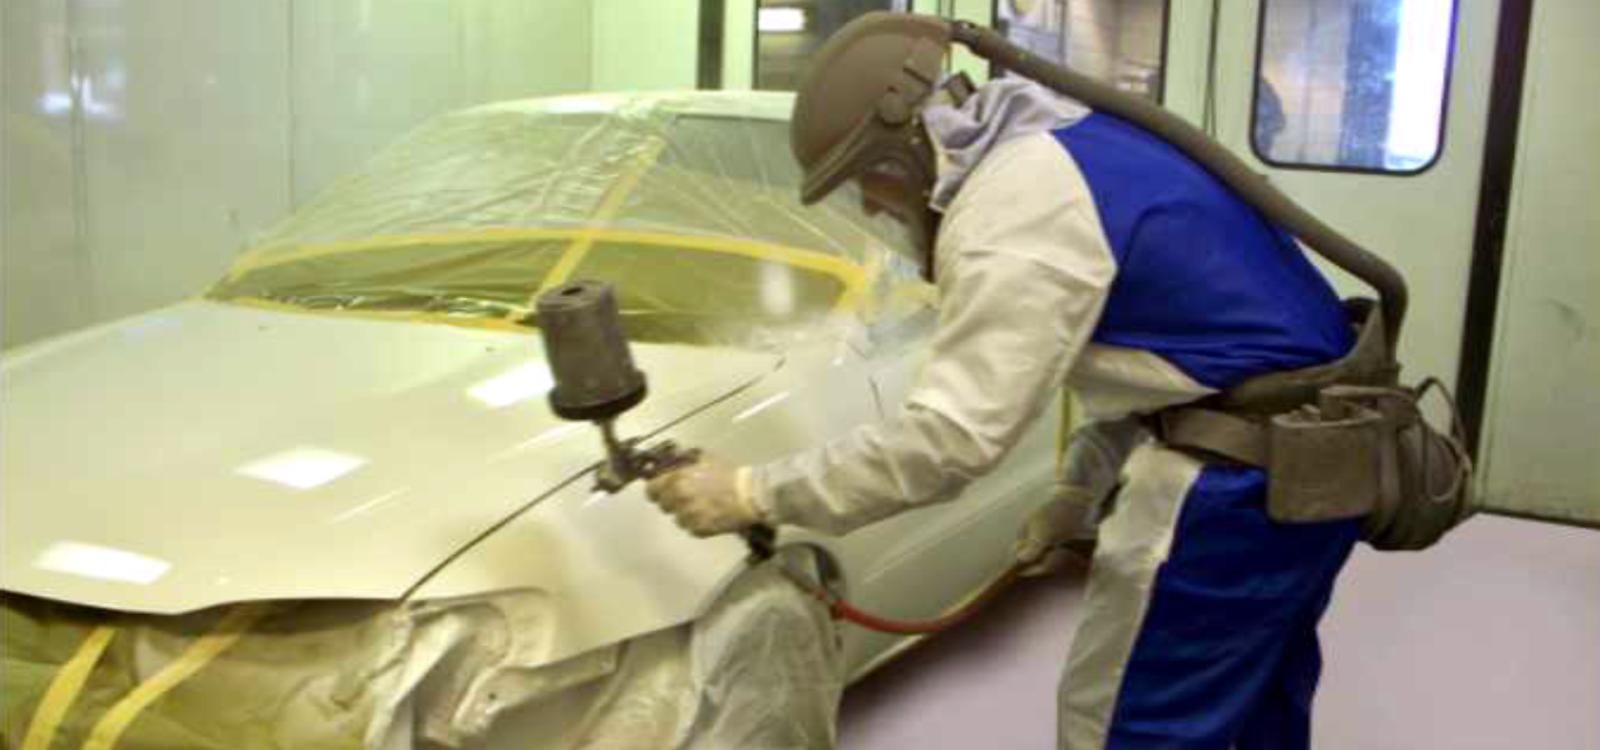 Auto Body & Refinishing-Auto Body & Refinishing-Professional_Refinishing